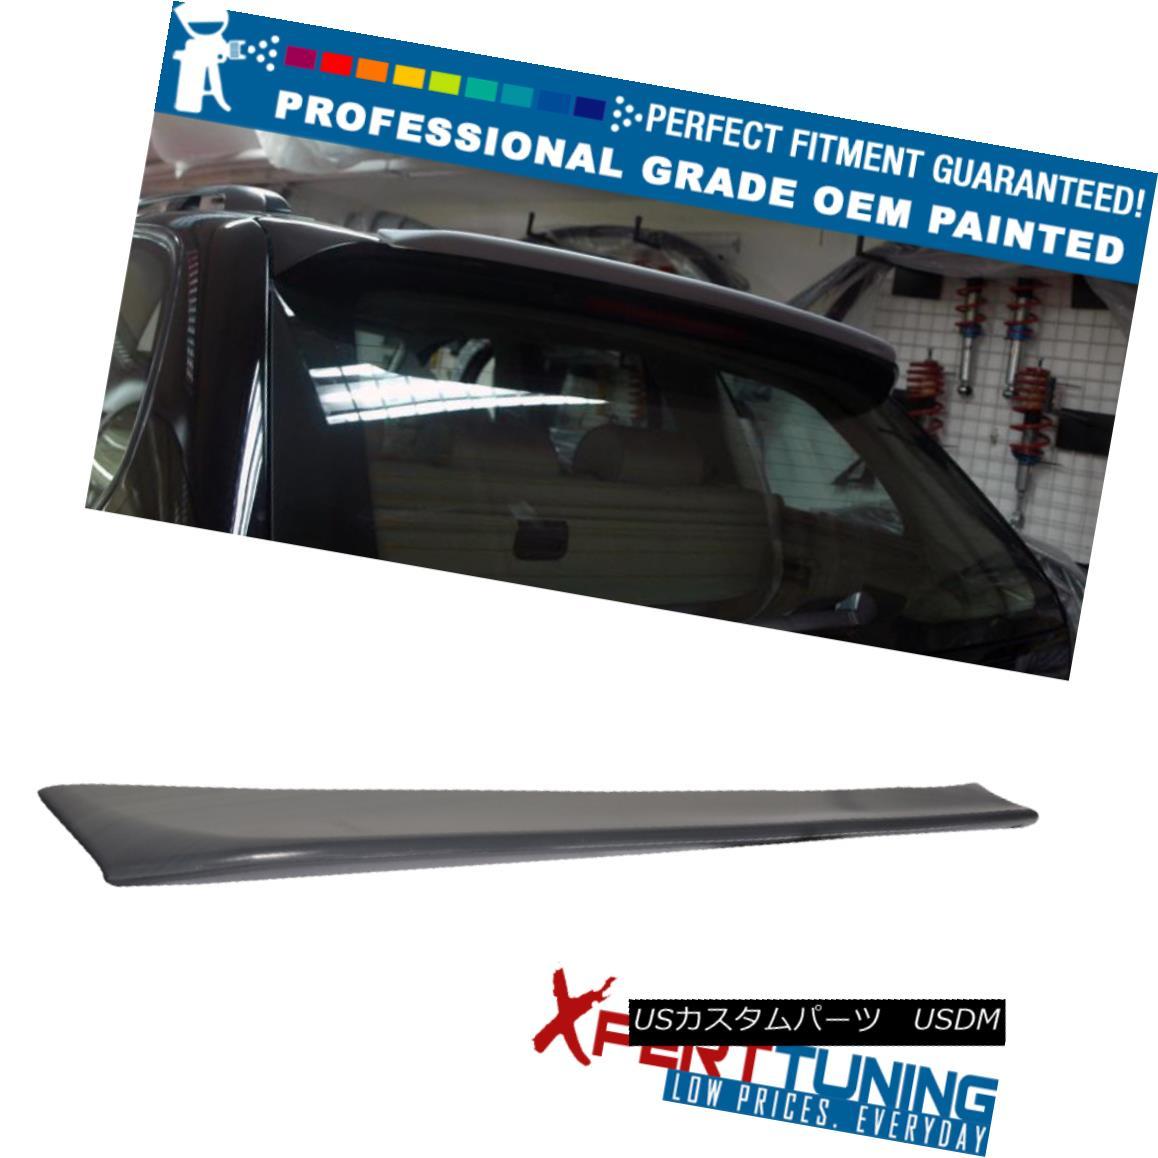 エアロパーツ 00-06 BMW E53 X5 SUV EURO Style Painted ABS Trunk Spoiler - OEM Painted Color 00-06 BMW E53 X5 SUVユーロスタイル塗装ABSトランクスポイラー - OEM塗装カラー